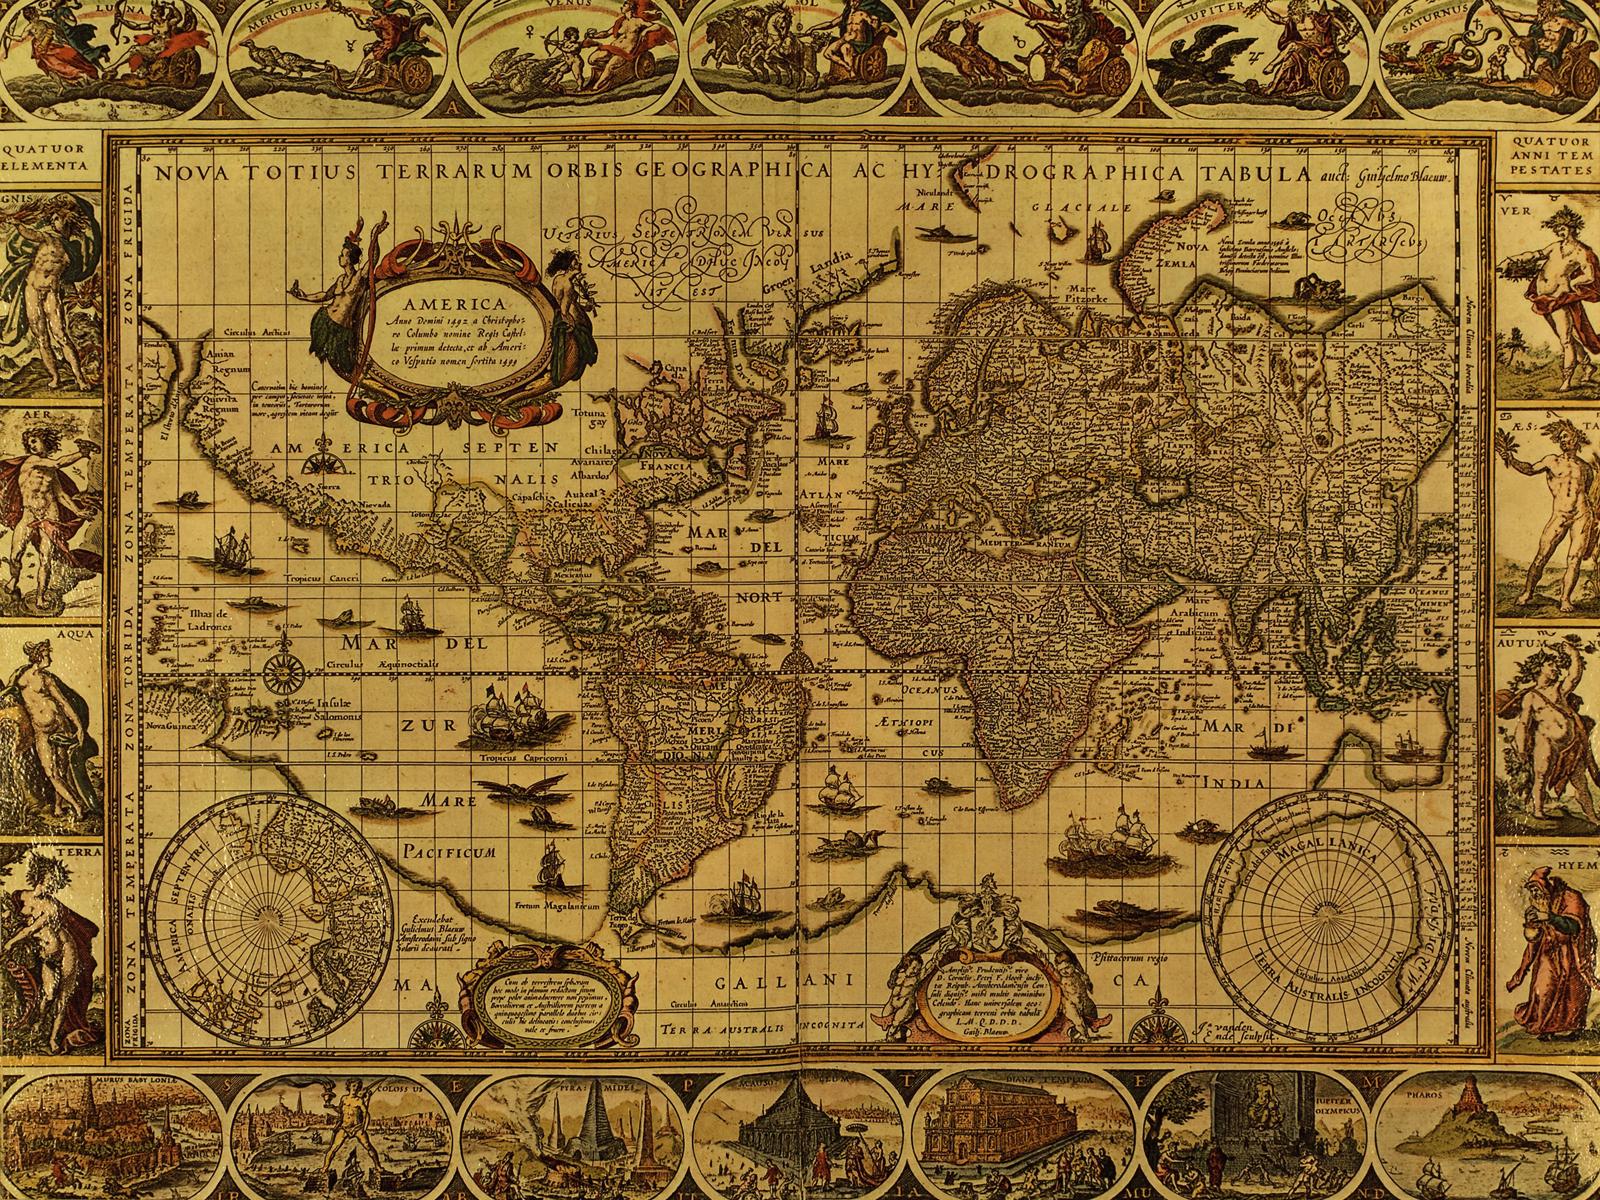 Antique world map wallpaper sf wallpaper antique world map wallpaper page 1 gumiabroncs Image collections